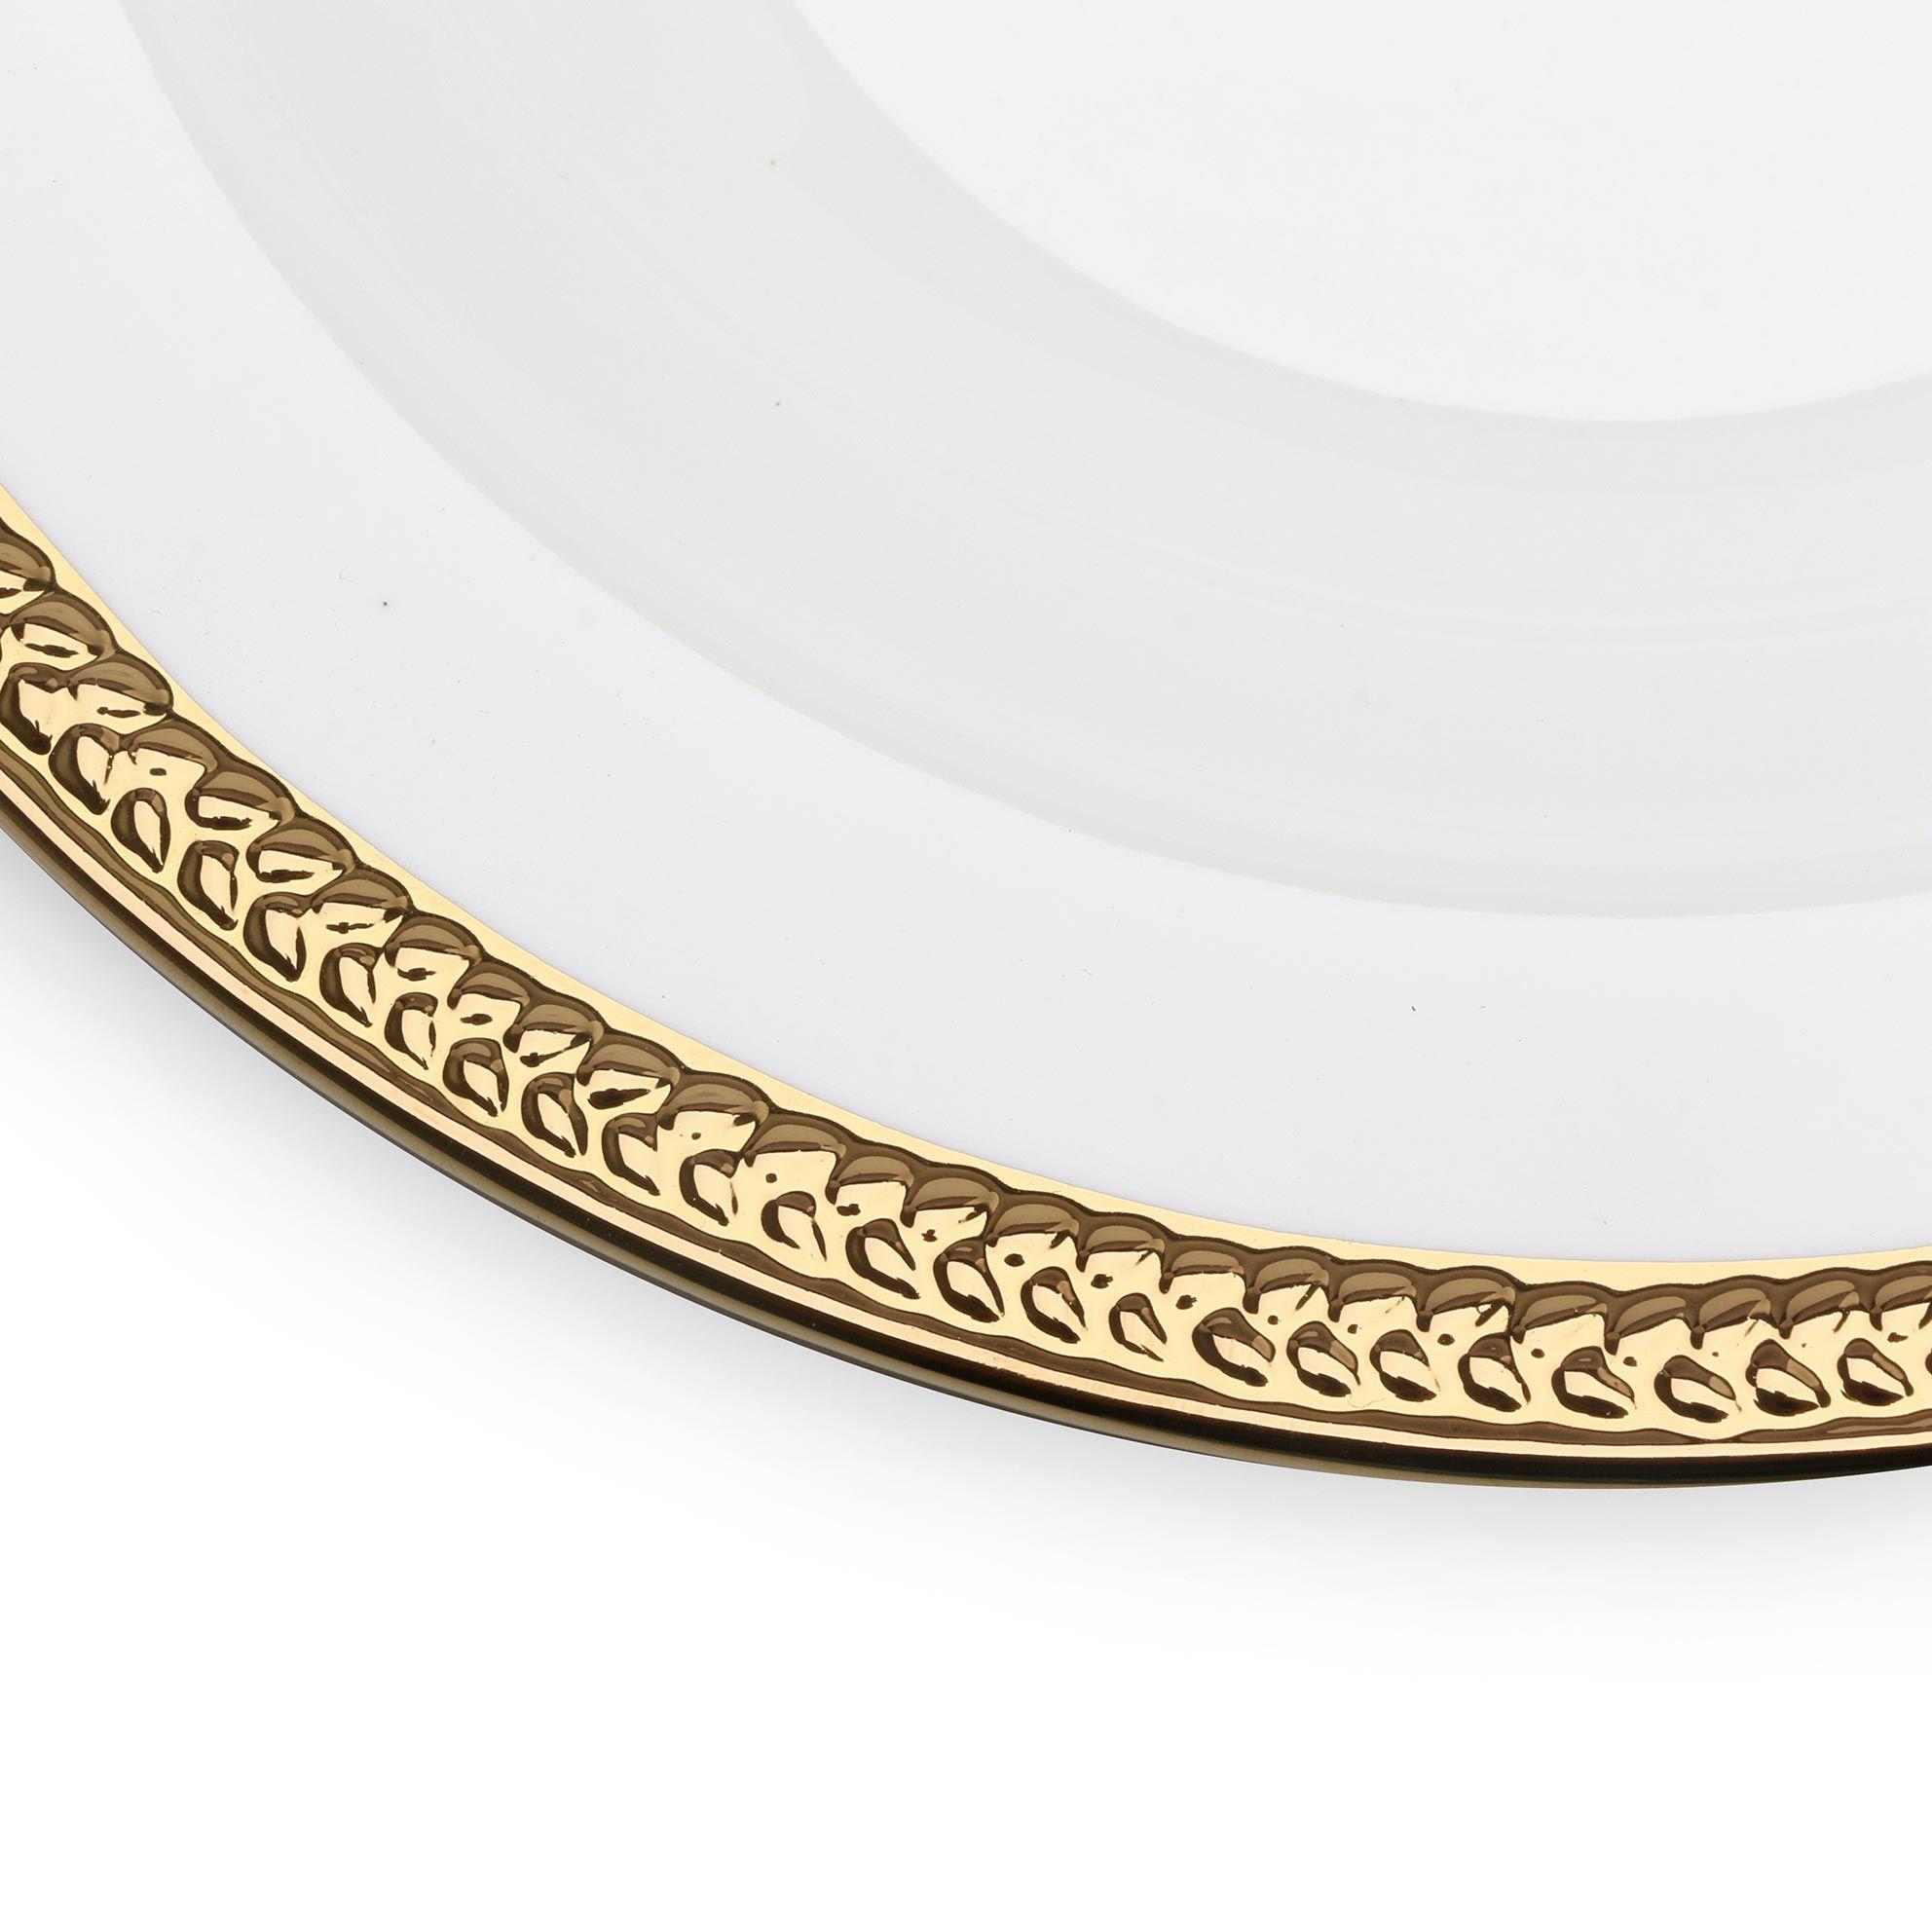 Jogo 6 pratos fundos 22 cm de porcelana branca e dourado Paddy Wolff - 25111